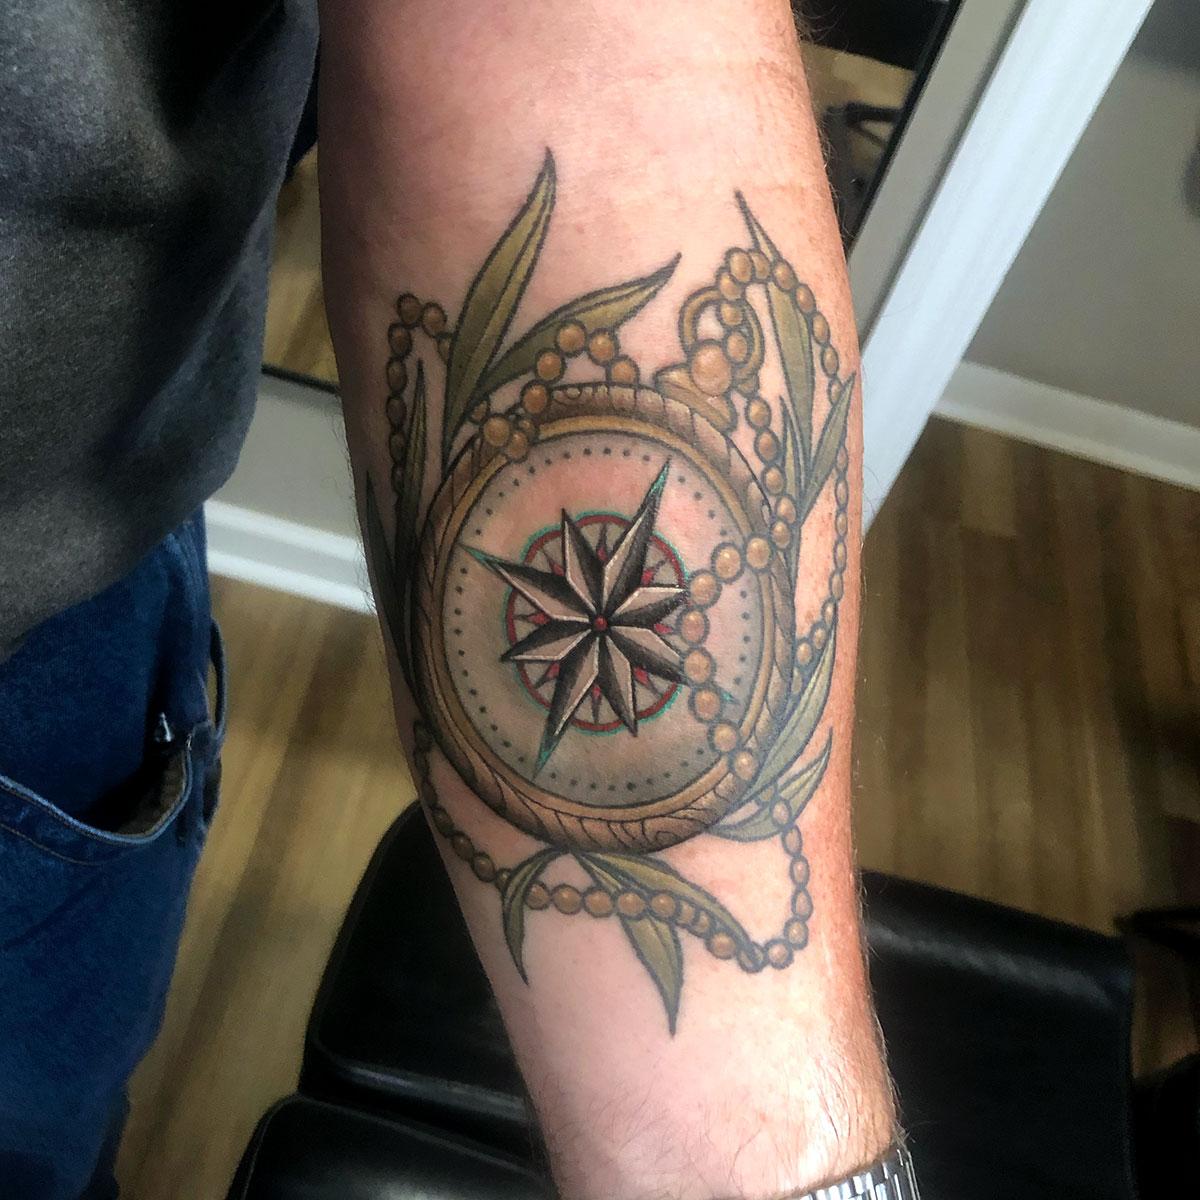 Compass tattoo done by Megan Reinhart #compasstattoo #meganreinharttattoo #tagtheqc #iowatattooartist #eternalink #leavestattoo #woodcompasspic.twitter.com/dKZSHUC6ob